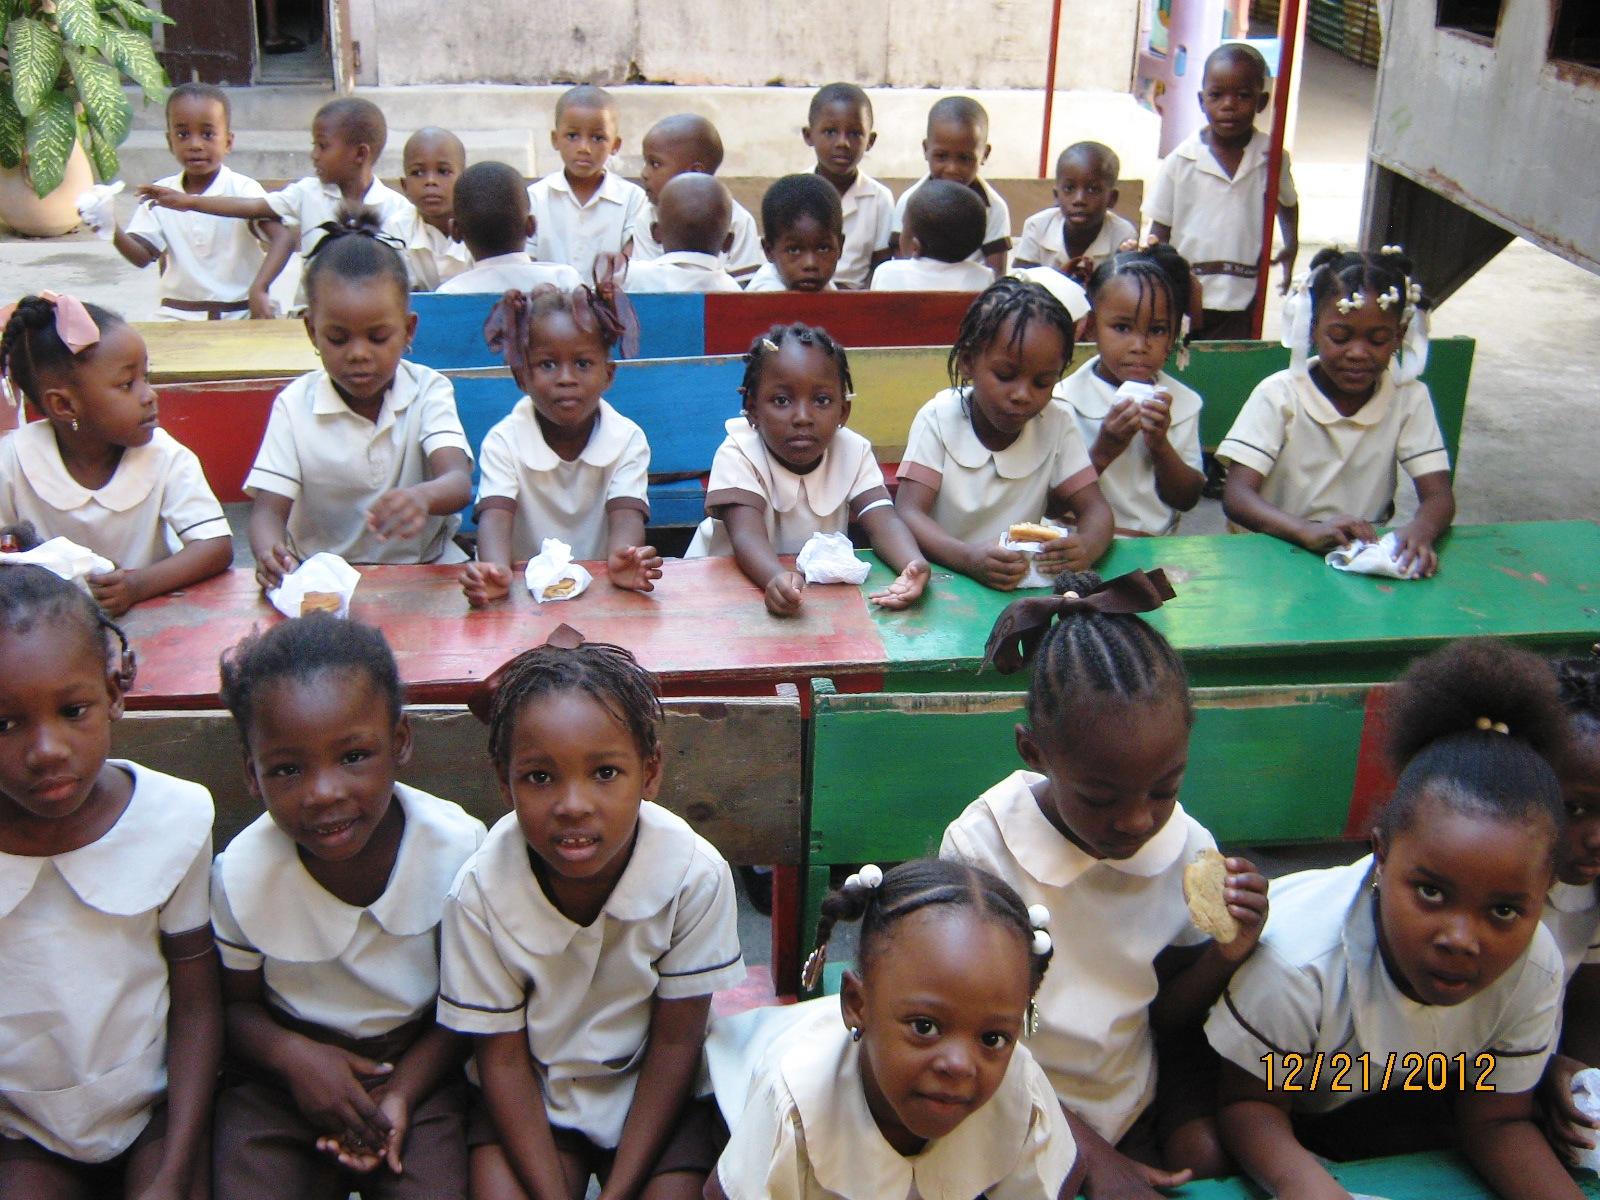 Haiti Gci Update